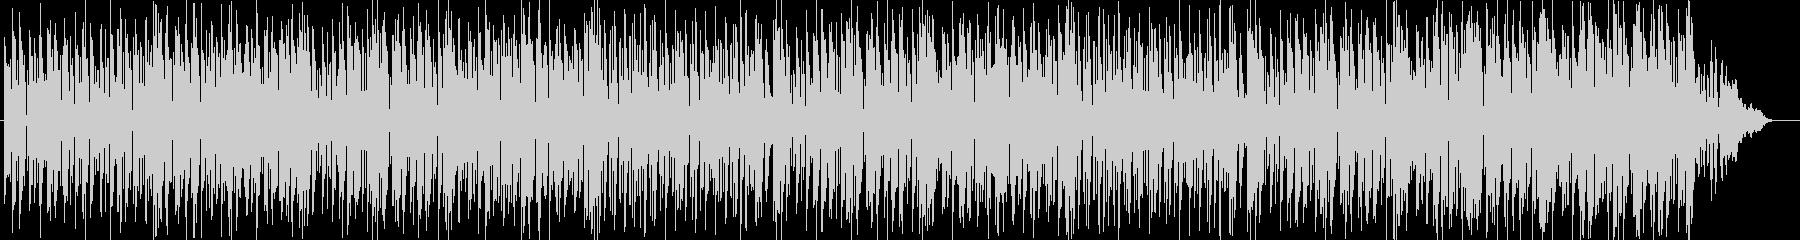 タイトなドラムとコミカルな音とのコラボの未再生の波形